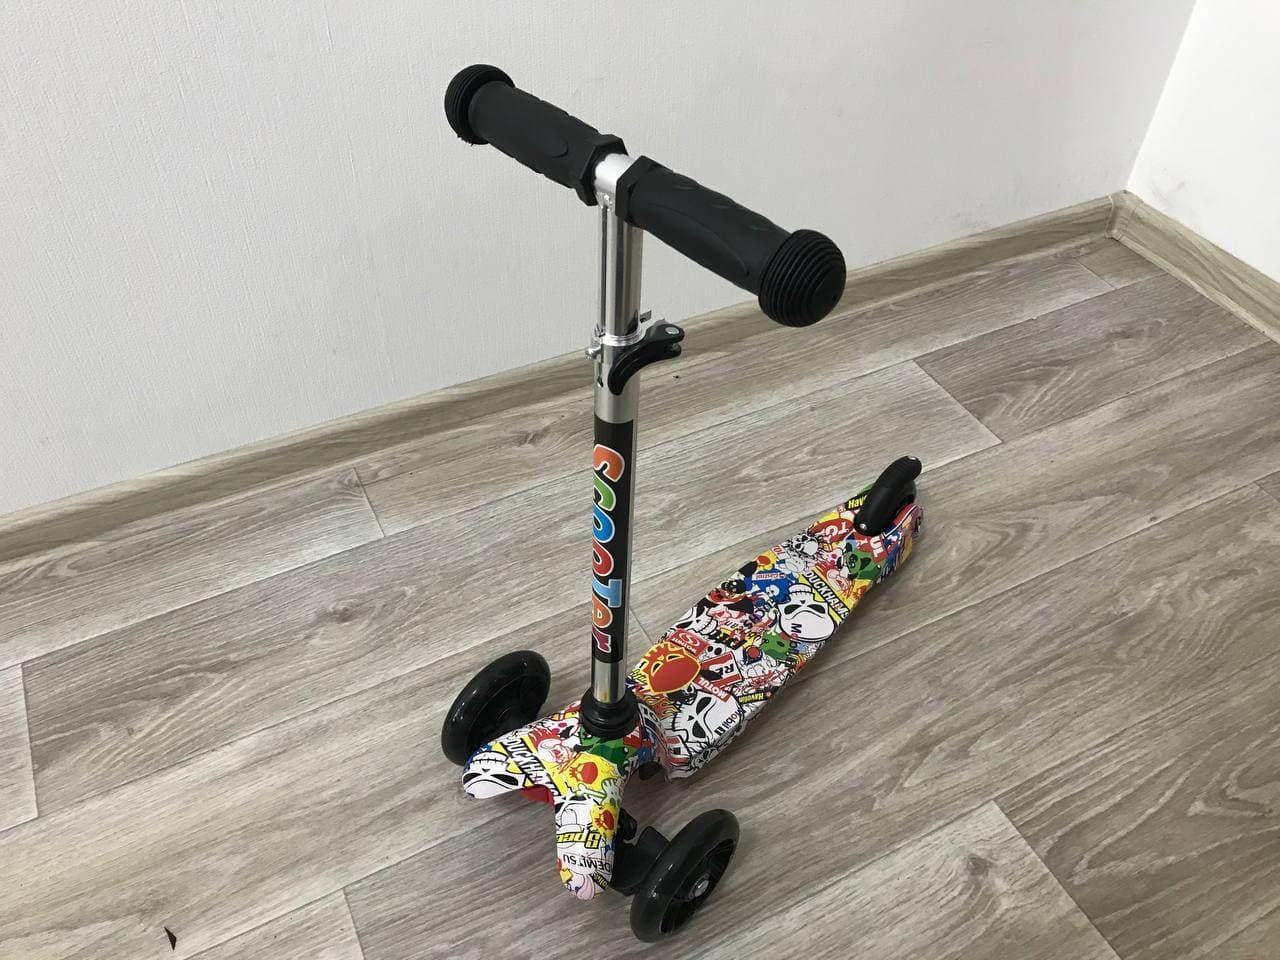 Самокат детский Scooter Mini трёхколёсный со светящимися колёсами с принтом графити